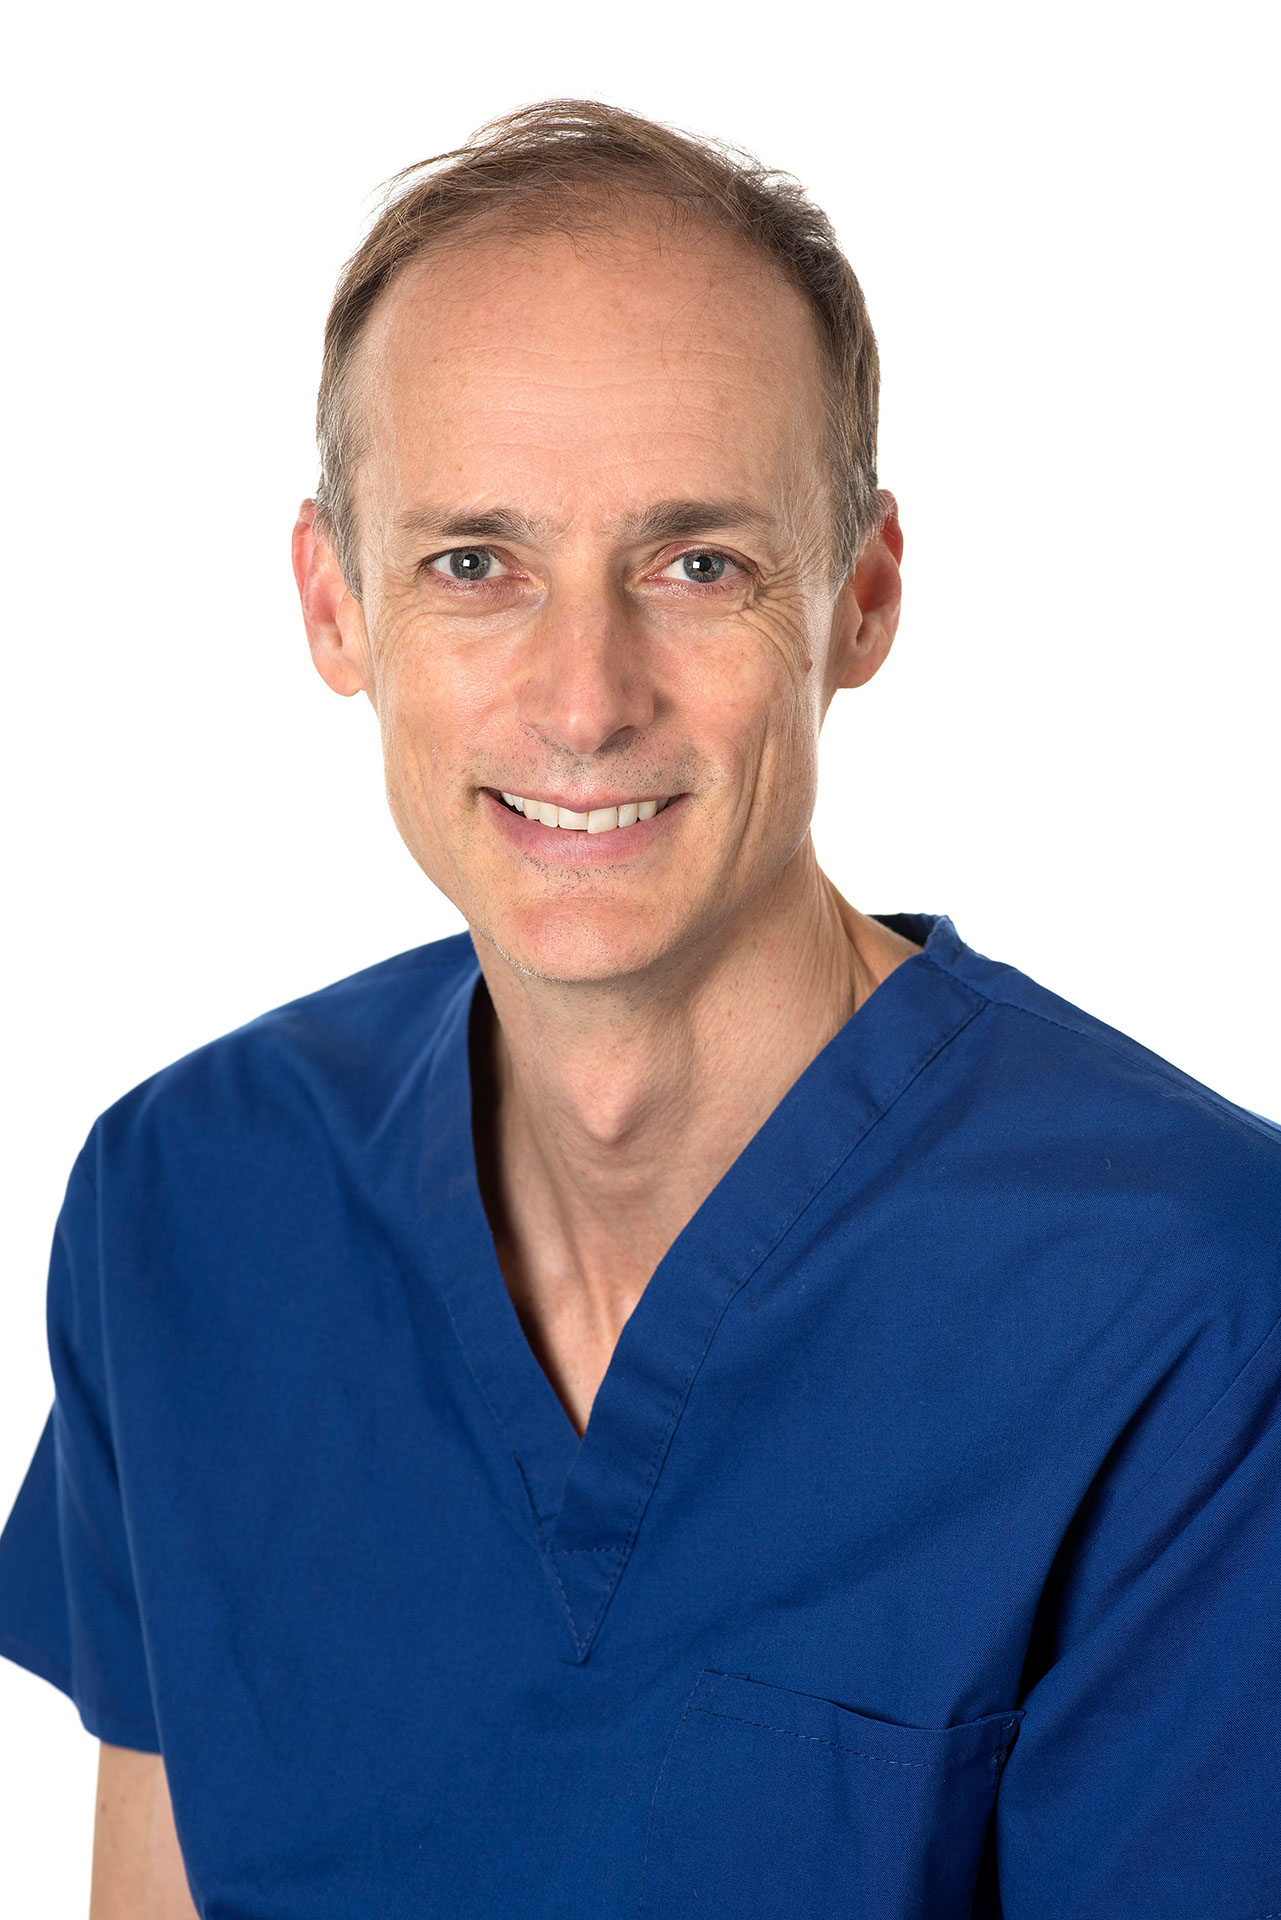 Associate Professor Andrew-Evans